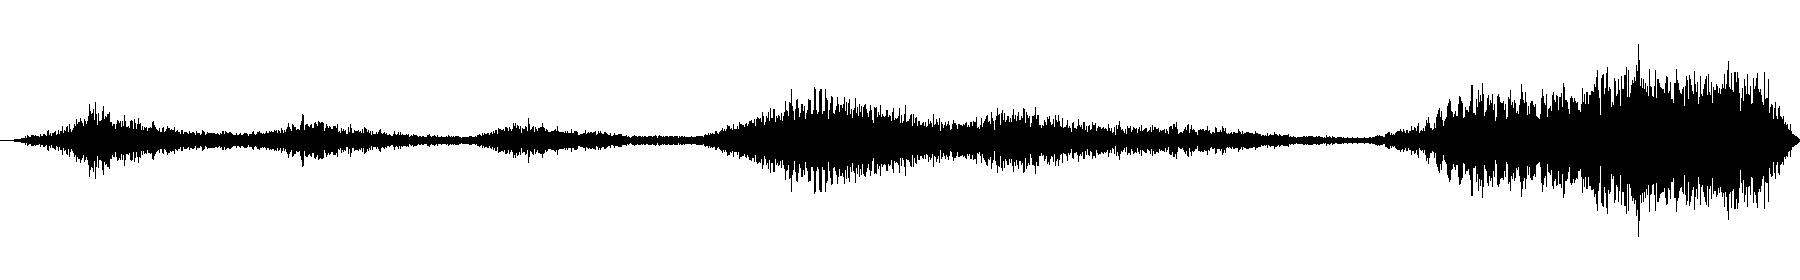 loop05125bpm